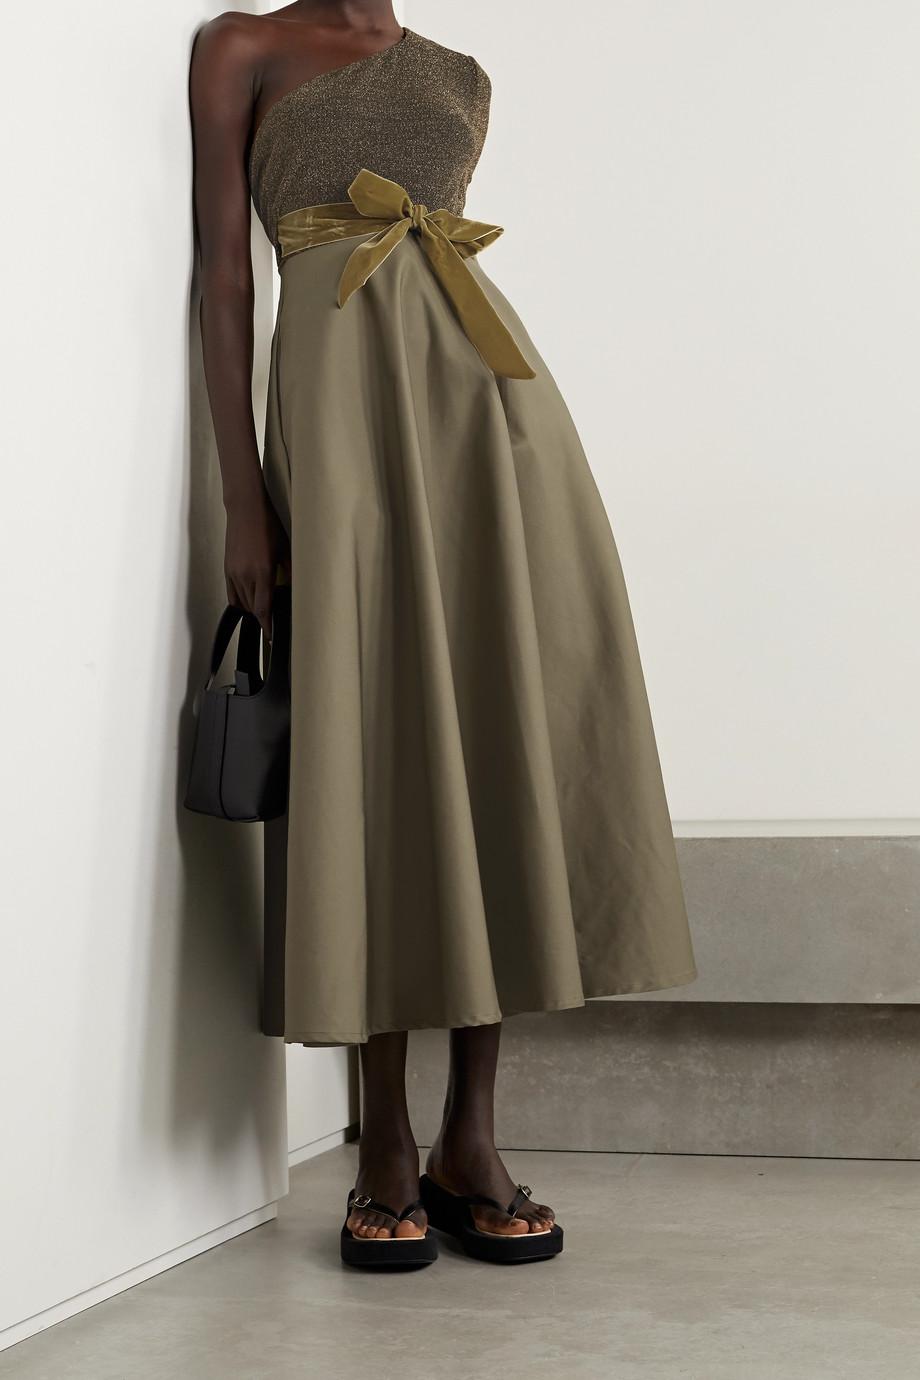 ARTCLUB + NET SUSTAIN Casa Miller Maxi-Wickelkleid aus Baumwoll-Twill und Stretch-Lurex® mit Samtbesätzen und asymmetrischer Schulterpartie